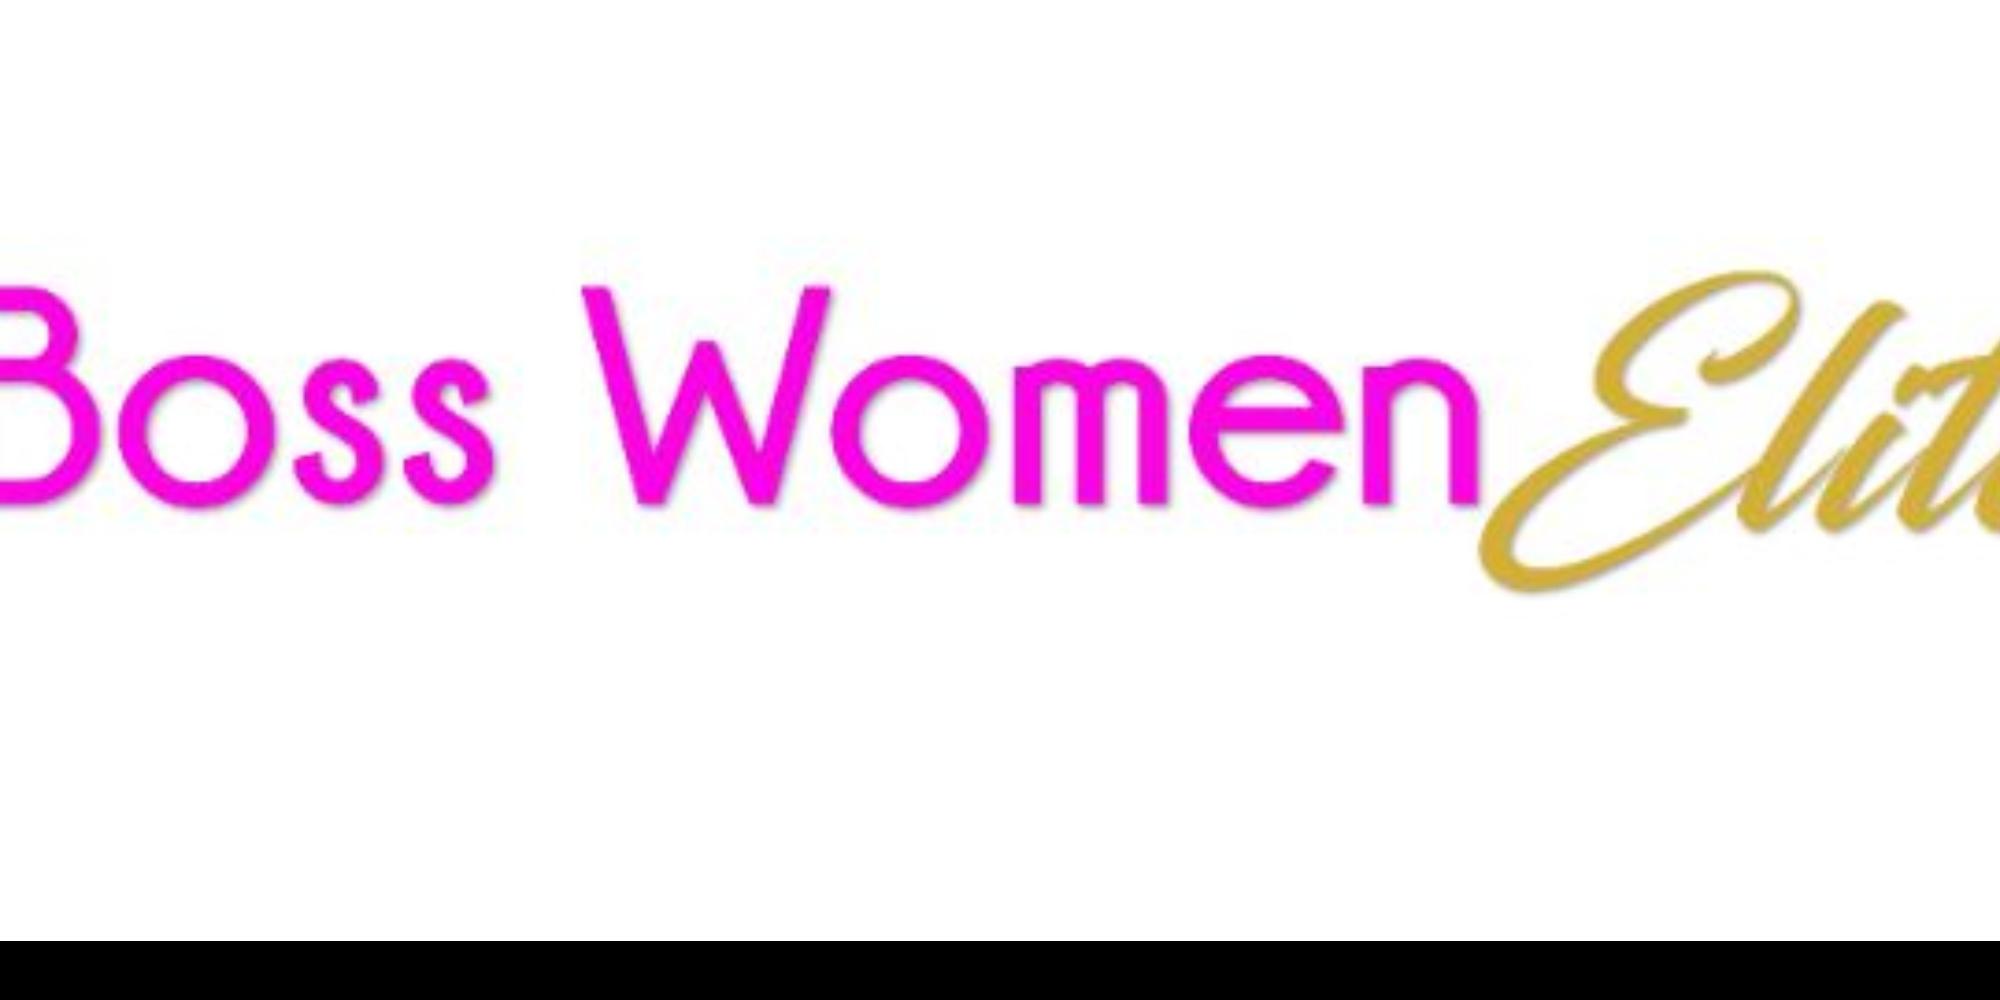 Boss Women Elite Networking